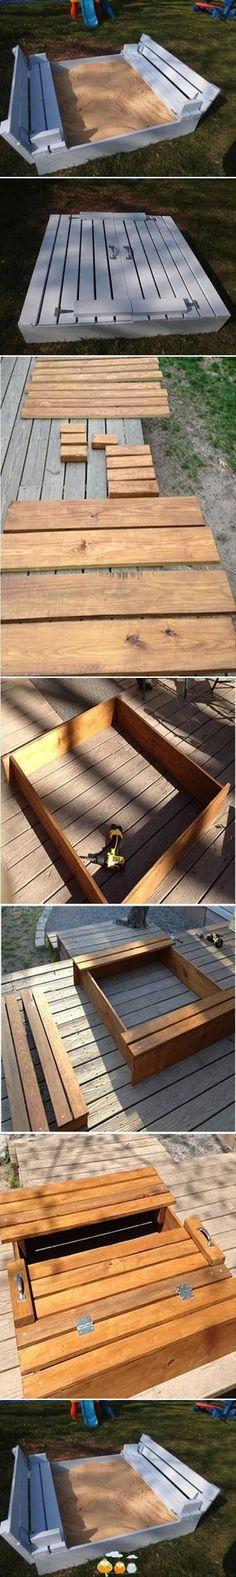 Für Kinder! 11 coole DIY Bastelideen mit Holzpaletten! - Seite 3 von 10 - DIY Bastelidee